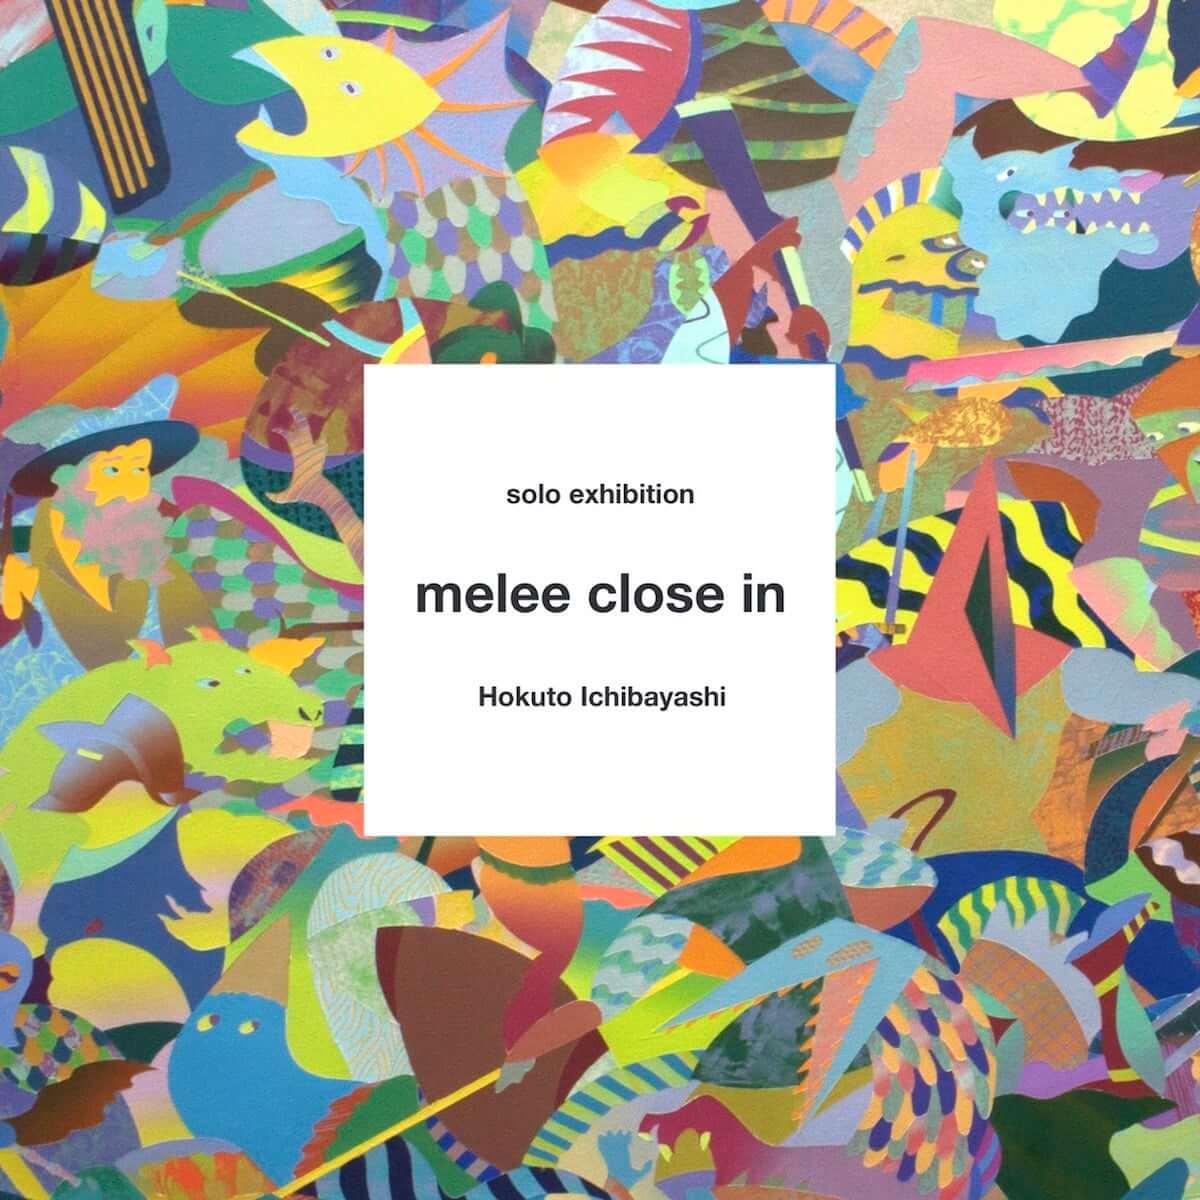 一林保久道|動的で日本的、奇抜で皮肉、摩訶不思議な注目ペインターの初インタビュー art-culture181115-anagra-hokuto-ichibayashi-melee-close-in-1-1200x1200